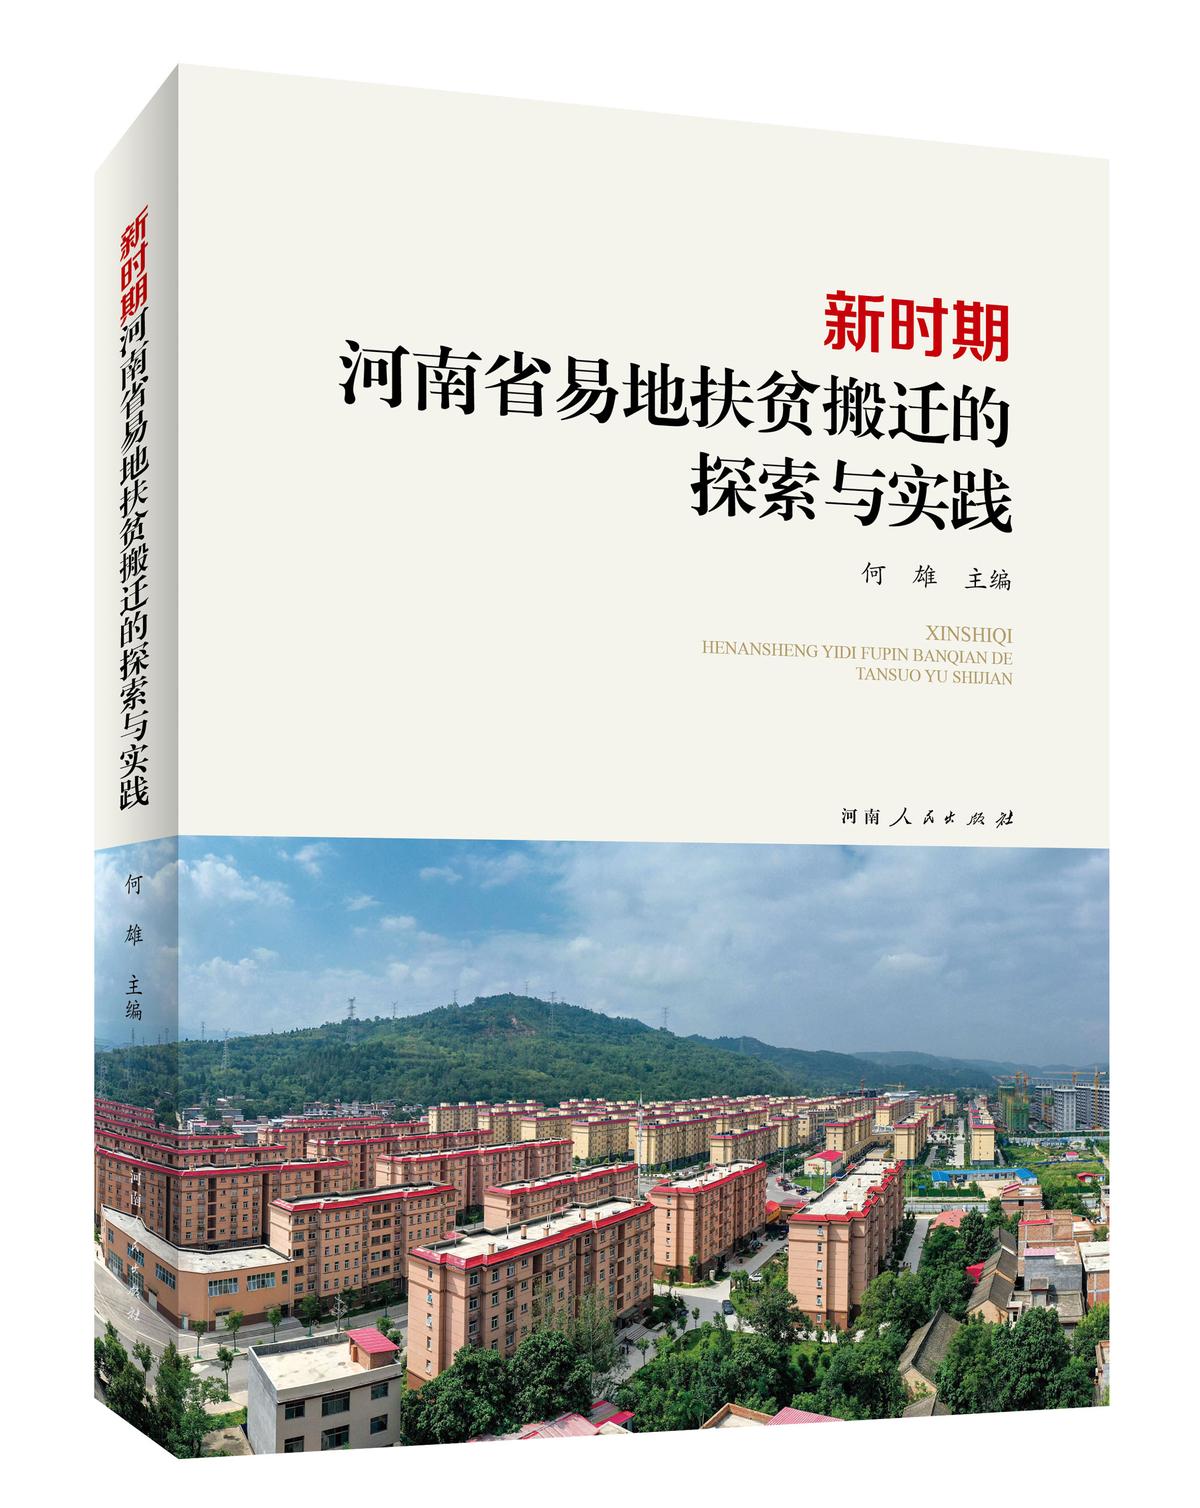 《新时期河南省易地扶贫搬迁的探索与实践》出版发行